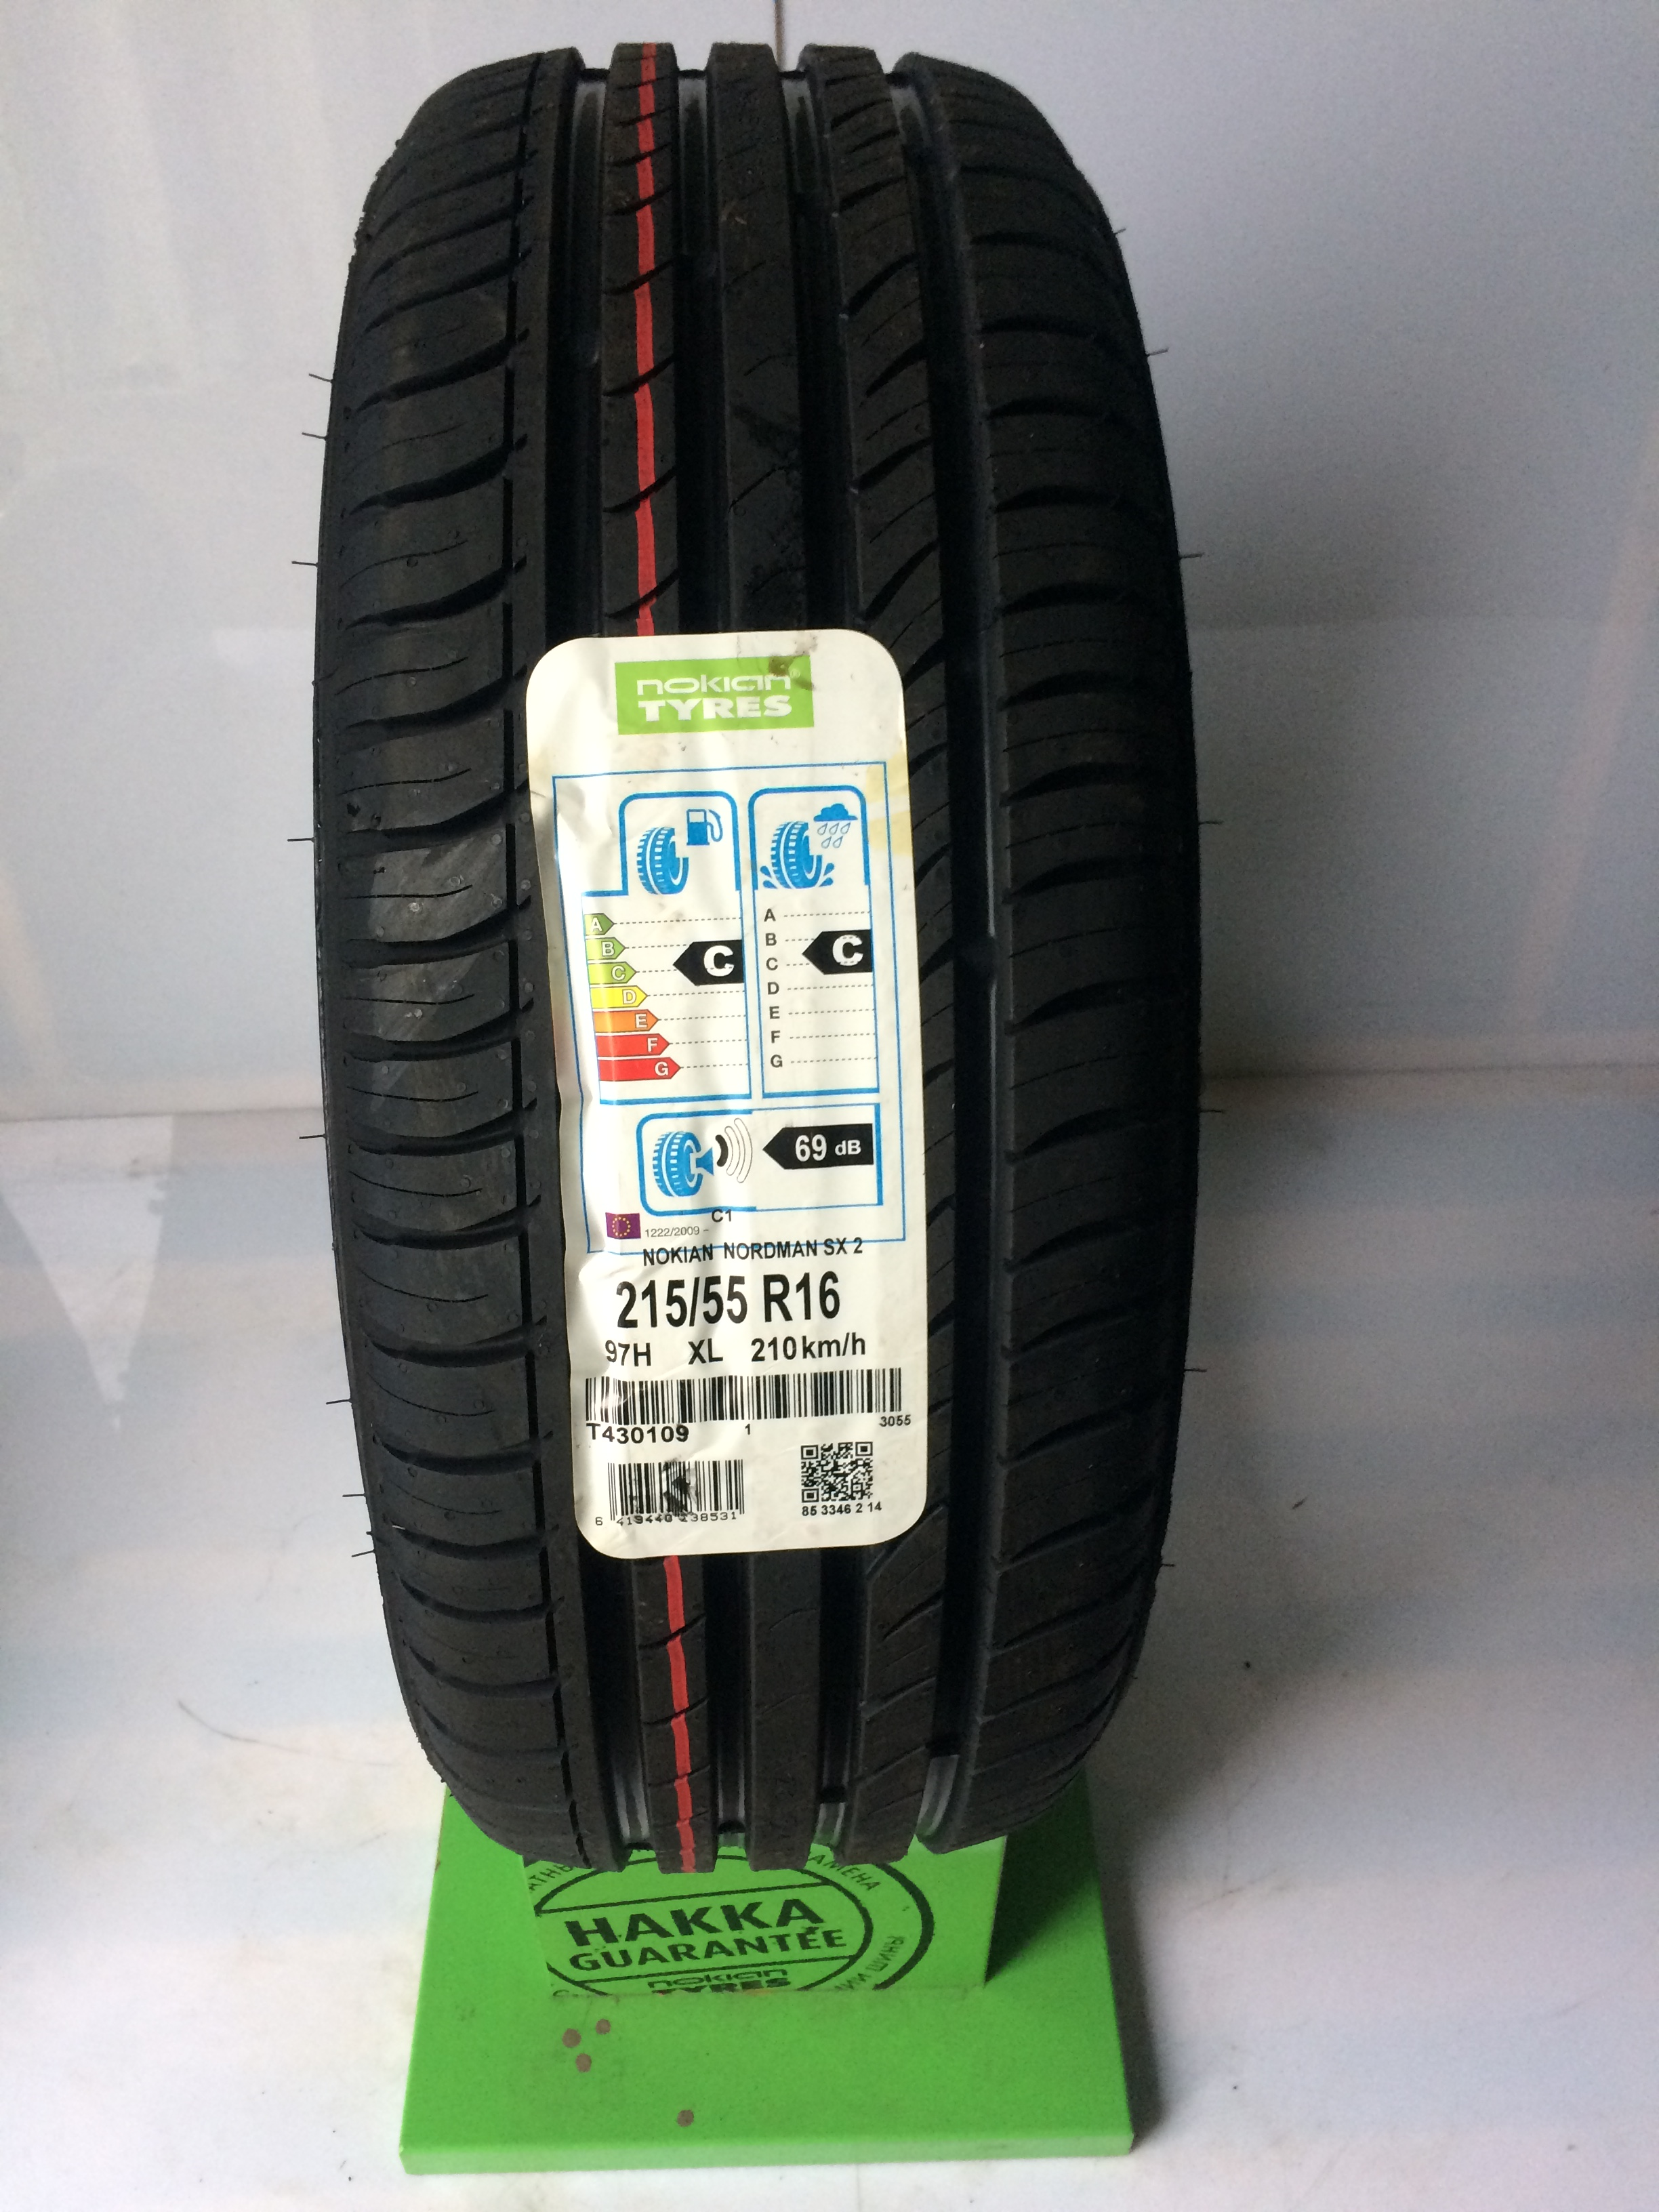 Купить шины спб 215 55 16 купить шины бриджстоун зима 215/55/17